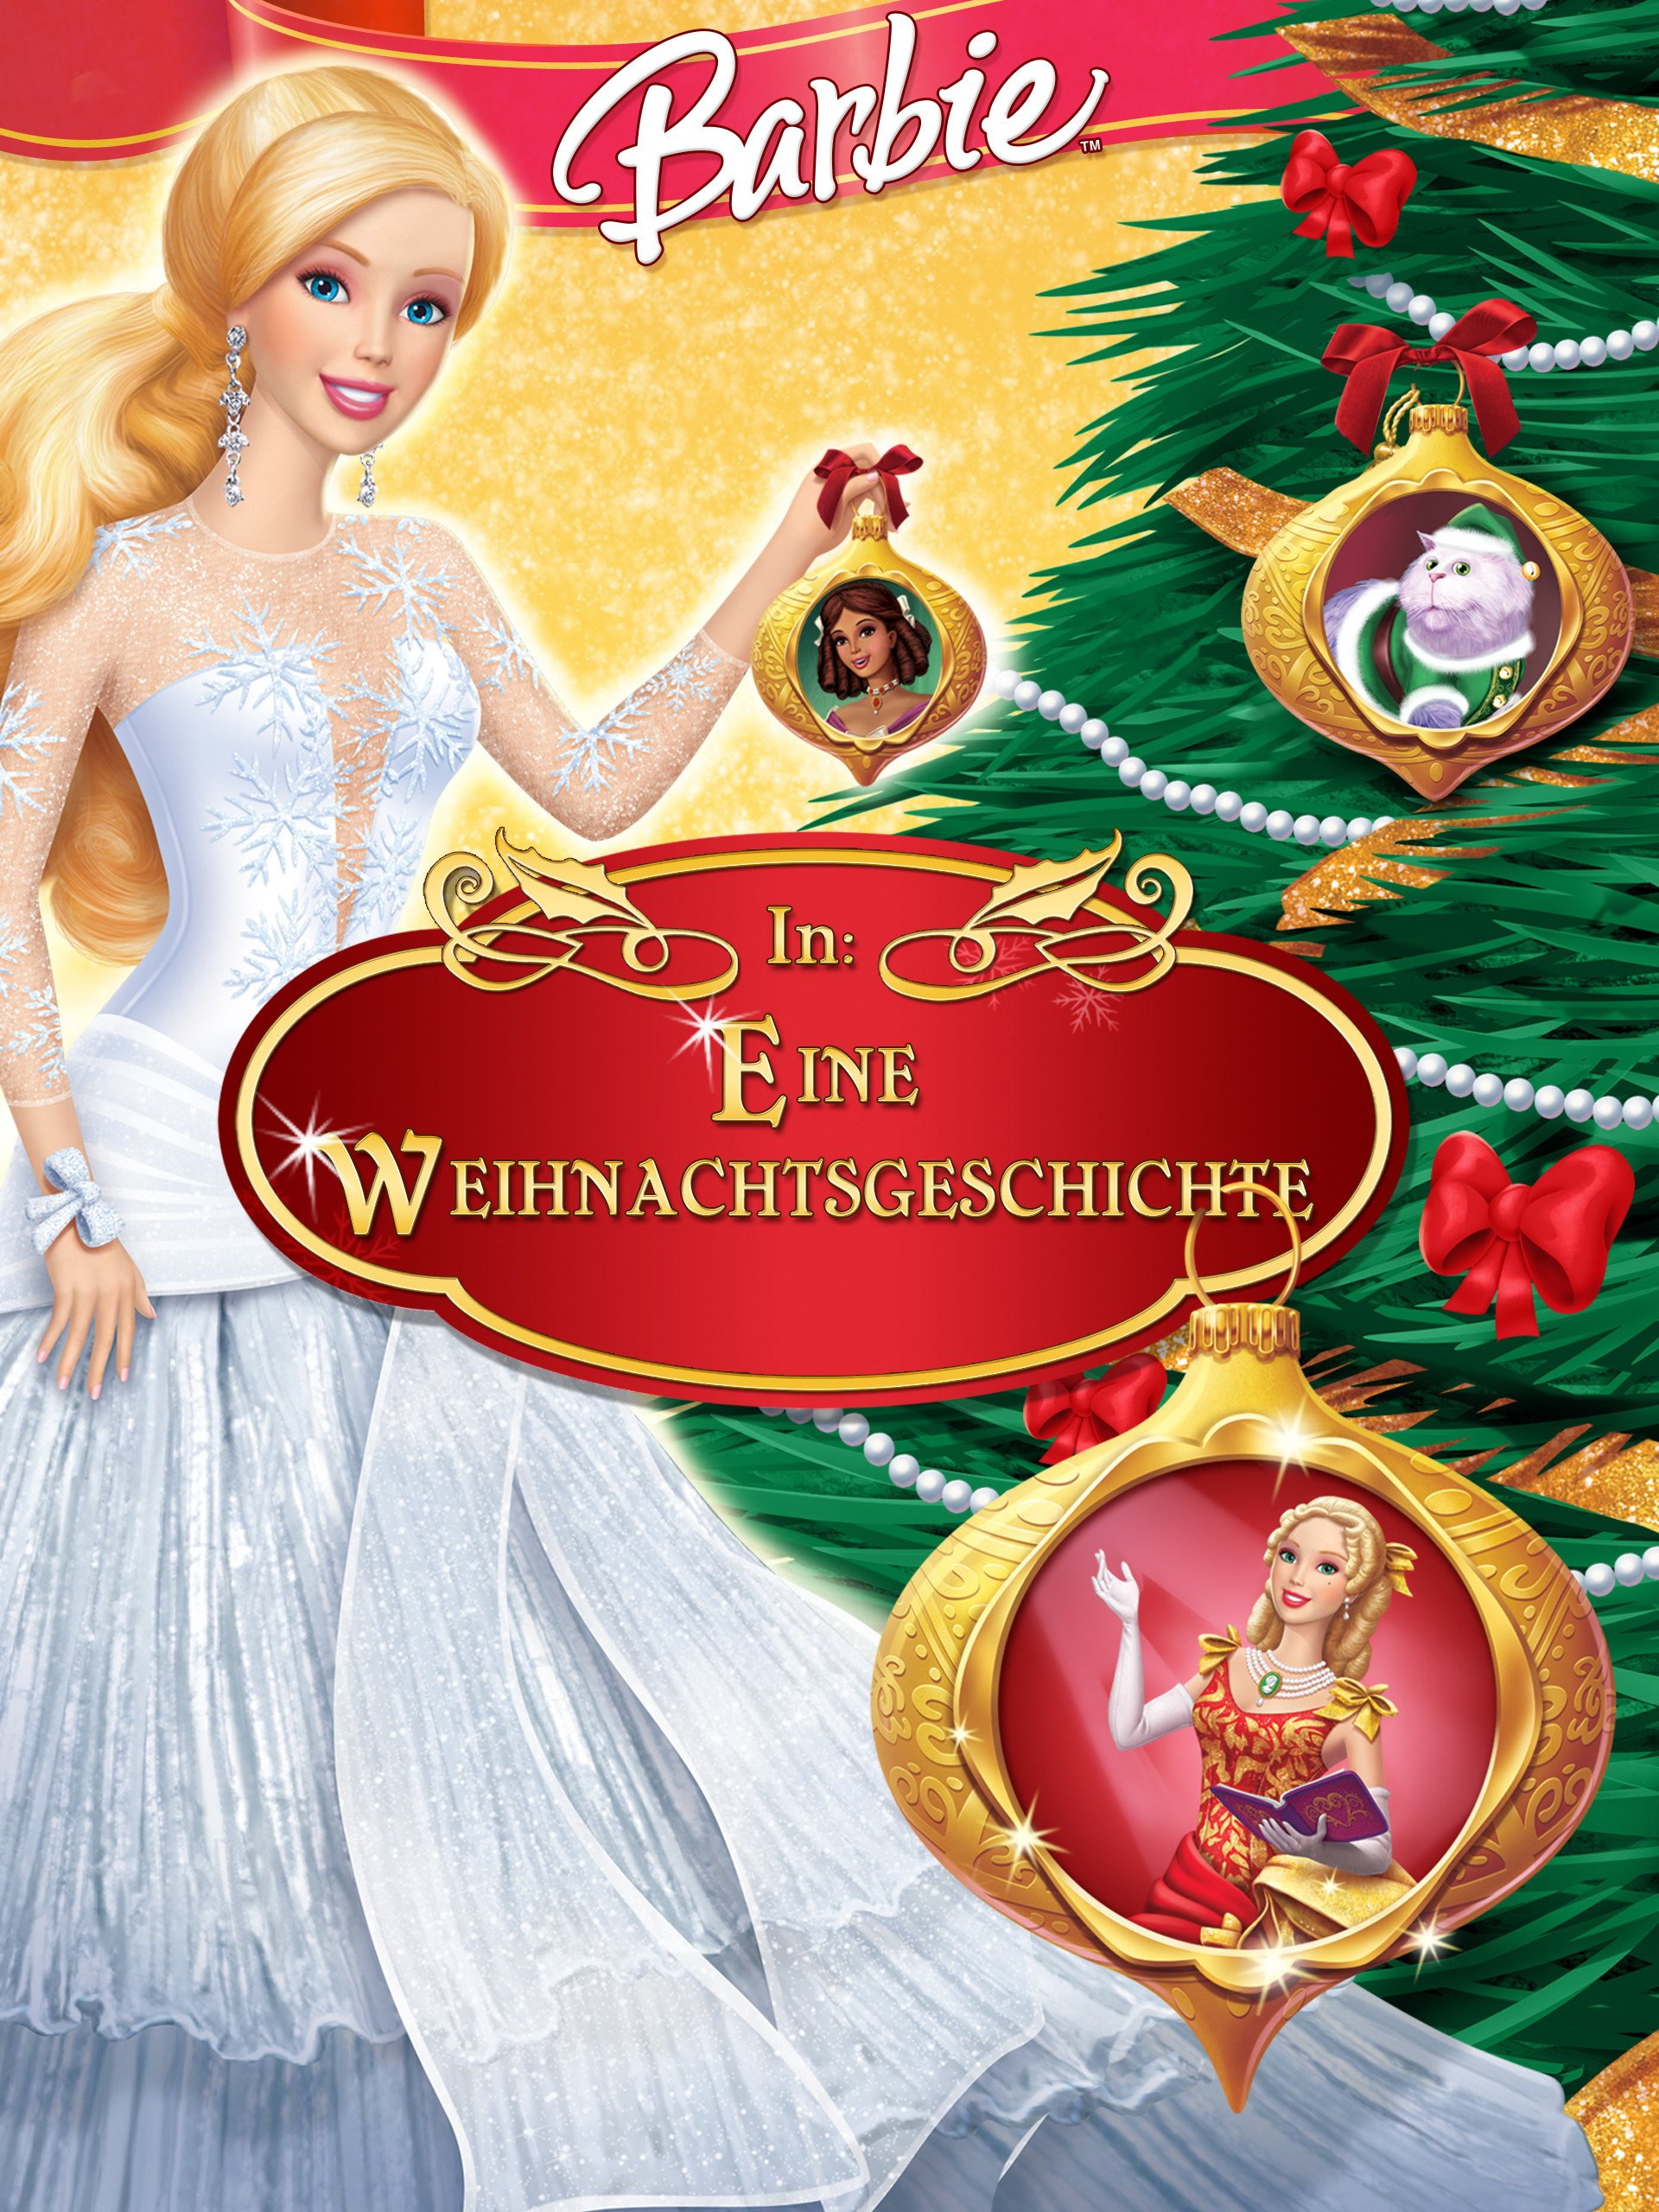 Amazon.de: Barbie in: Eine Weihnachtsgeschichte [dt./OV] ansehen ...